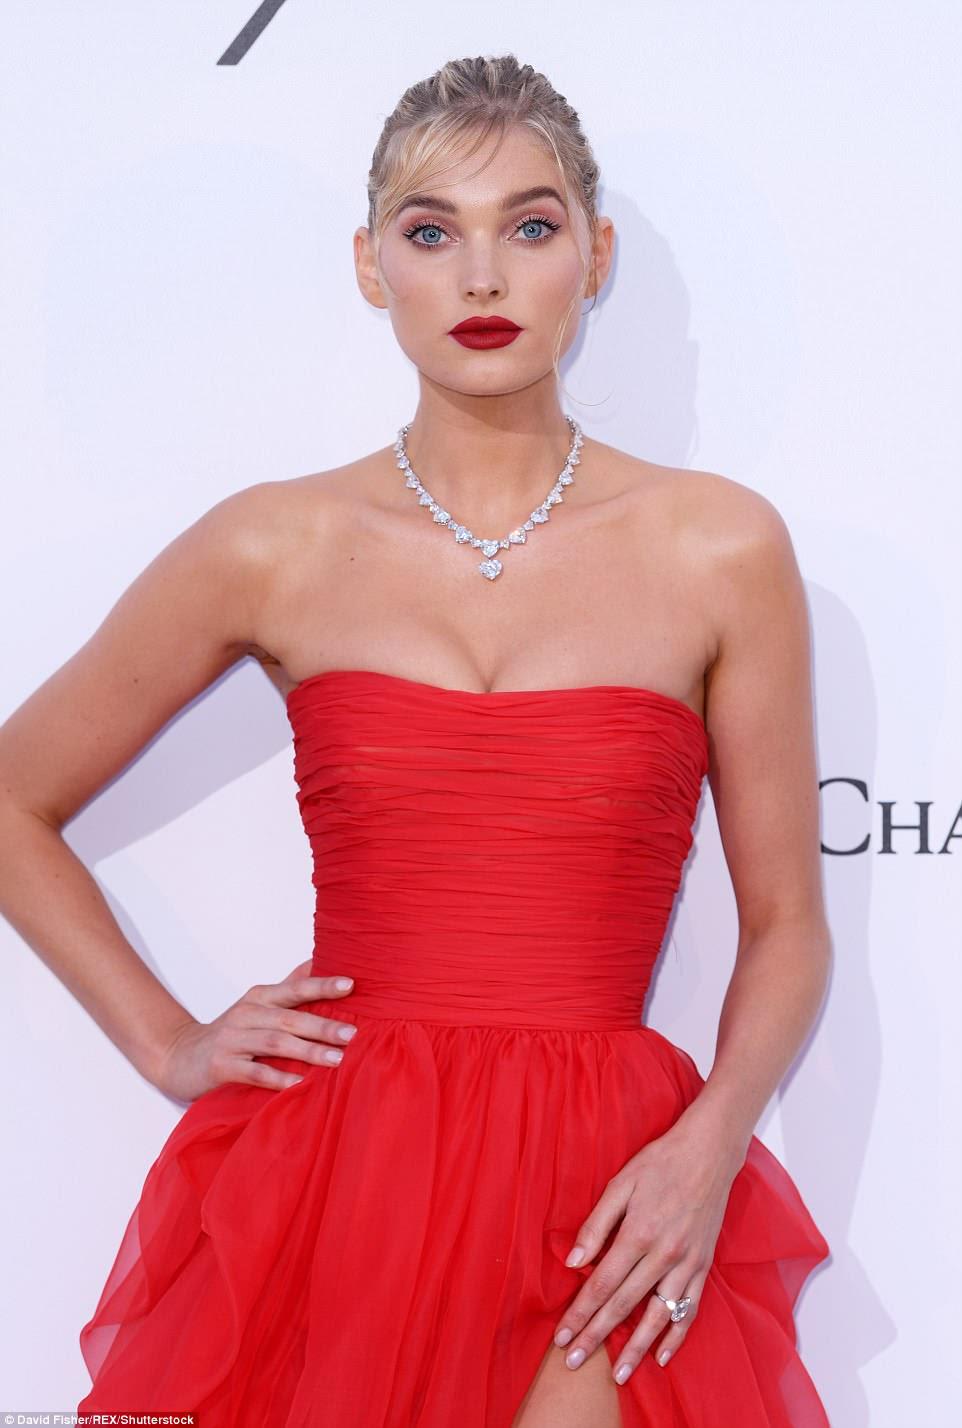 Lindo: como o resto das modelos, Elsa usou um colar de prata glamourosa e garantiu que suas madeixas loiras fossem amarradas em um coque, complementando seus lábios vermelhos profundos.